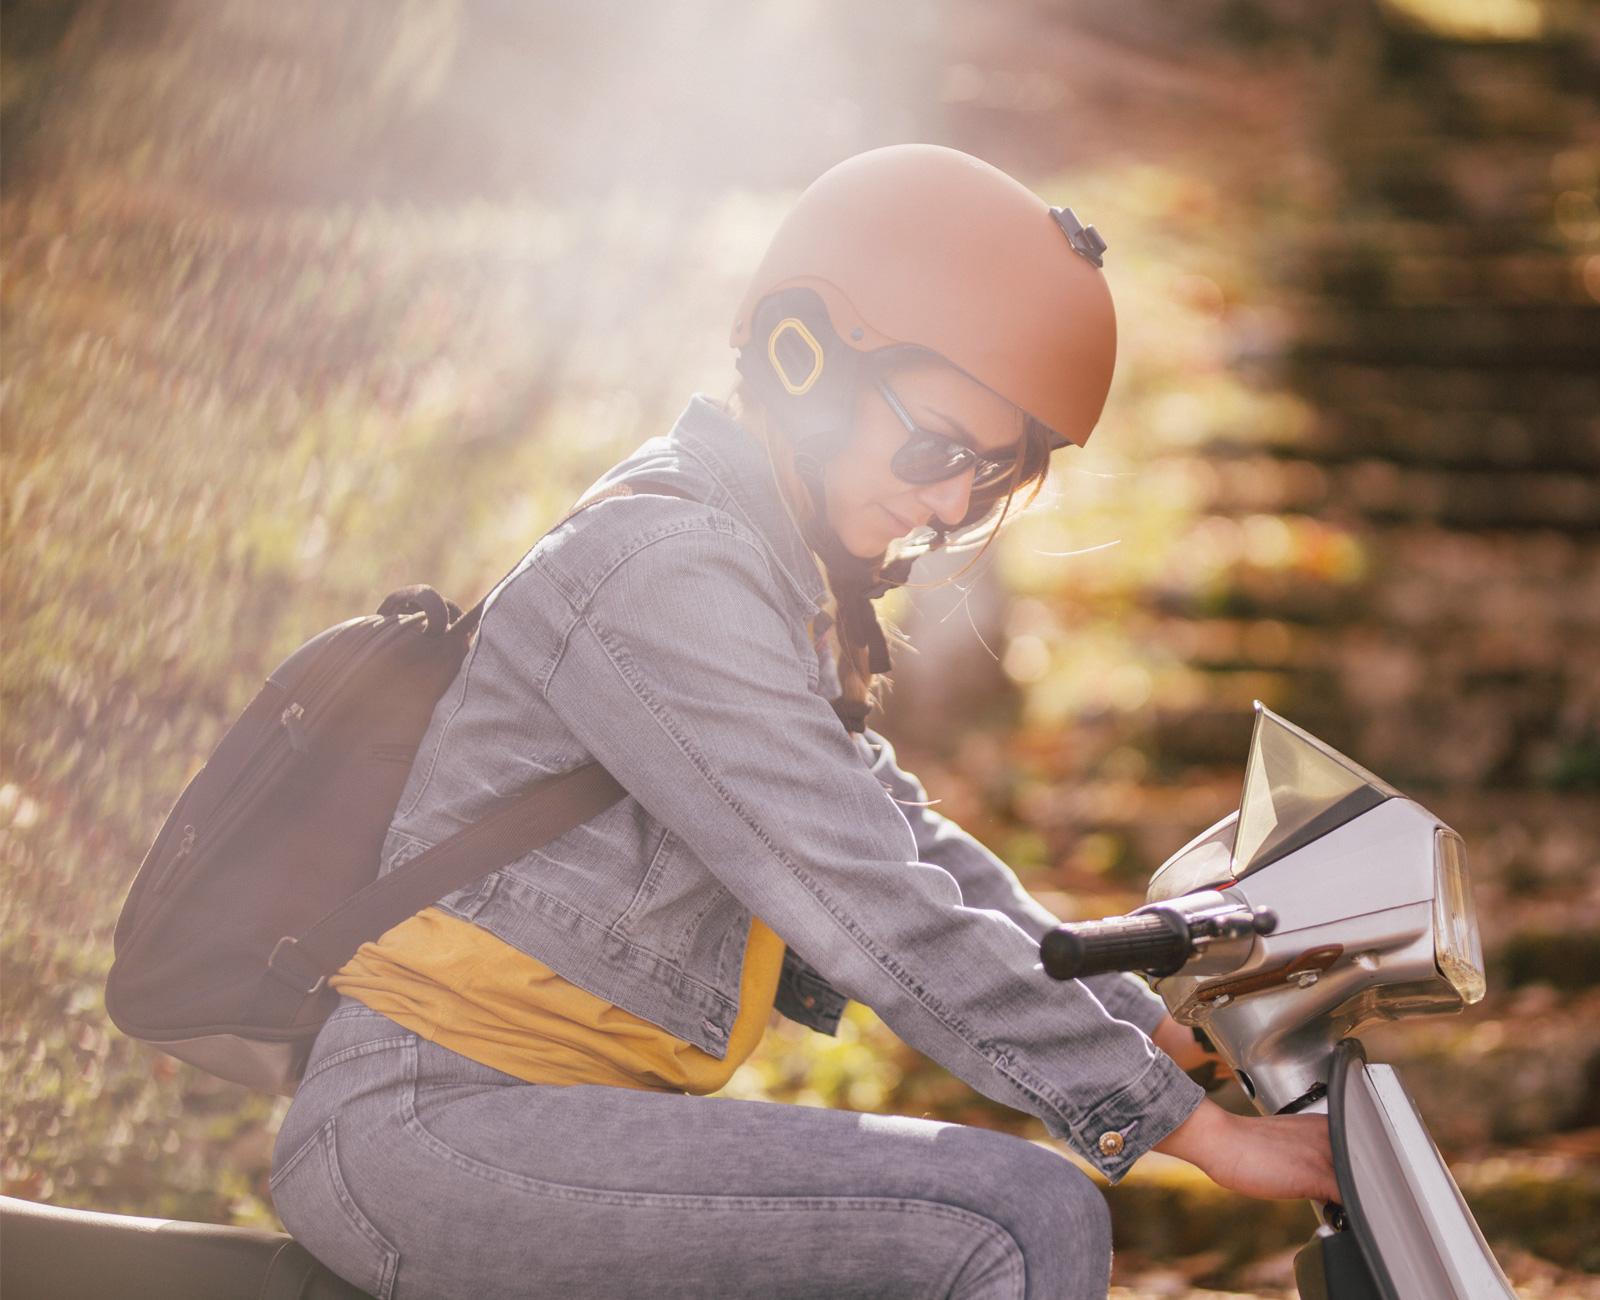 mopedkennzeichen 2019 mit mopedversicherung die bayerische. Black Bedroom Furniture Sets. Home Design Ideas